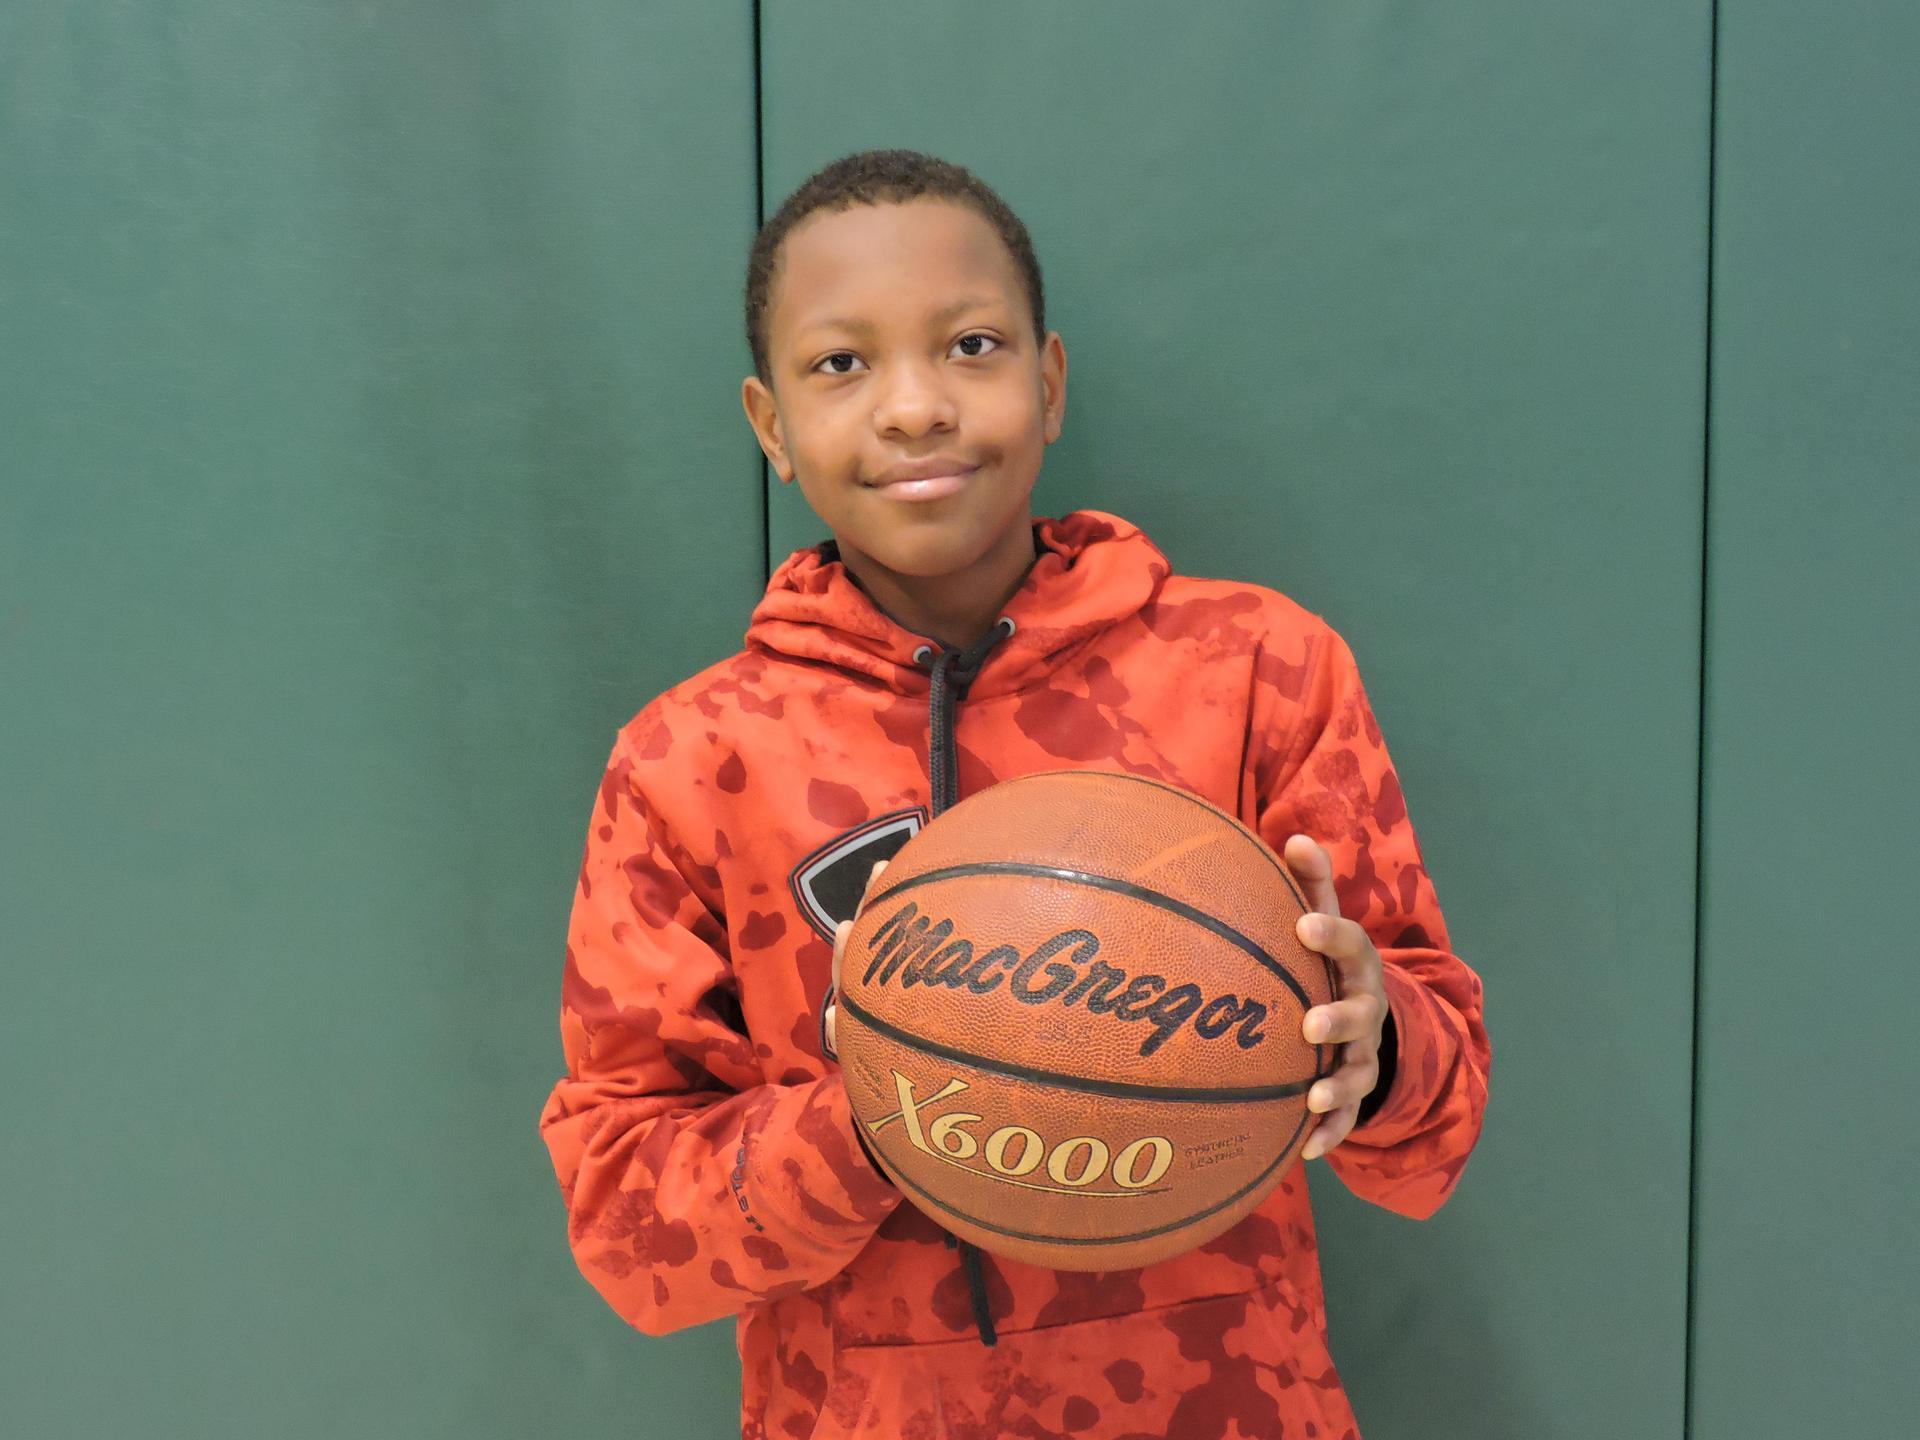 School hoop shoot winners